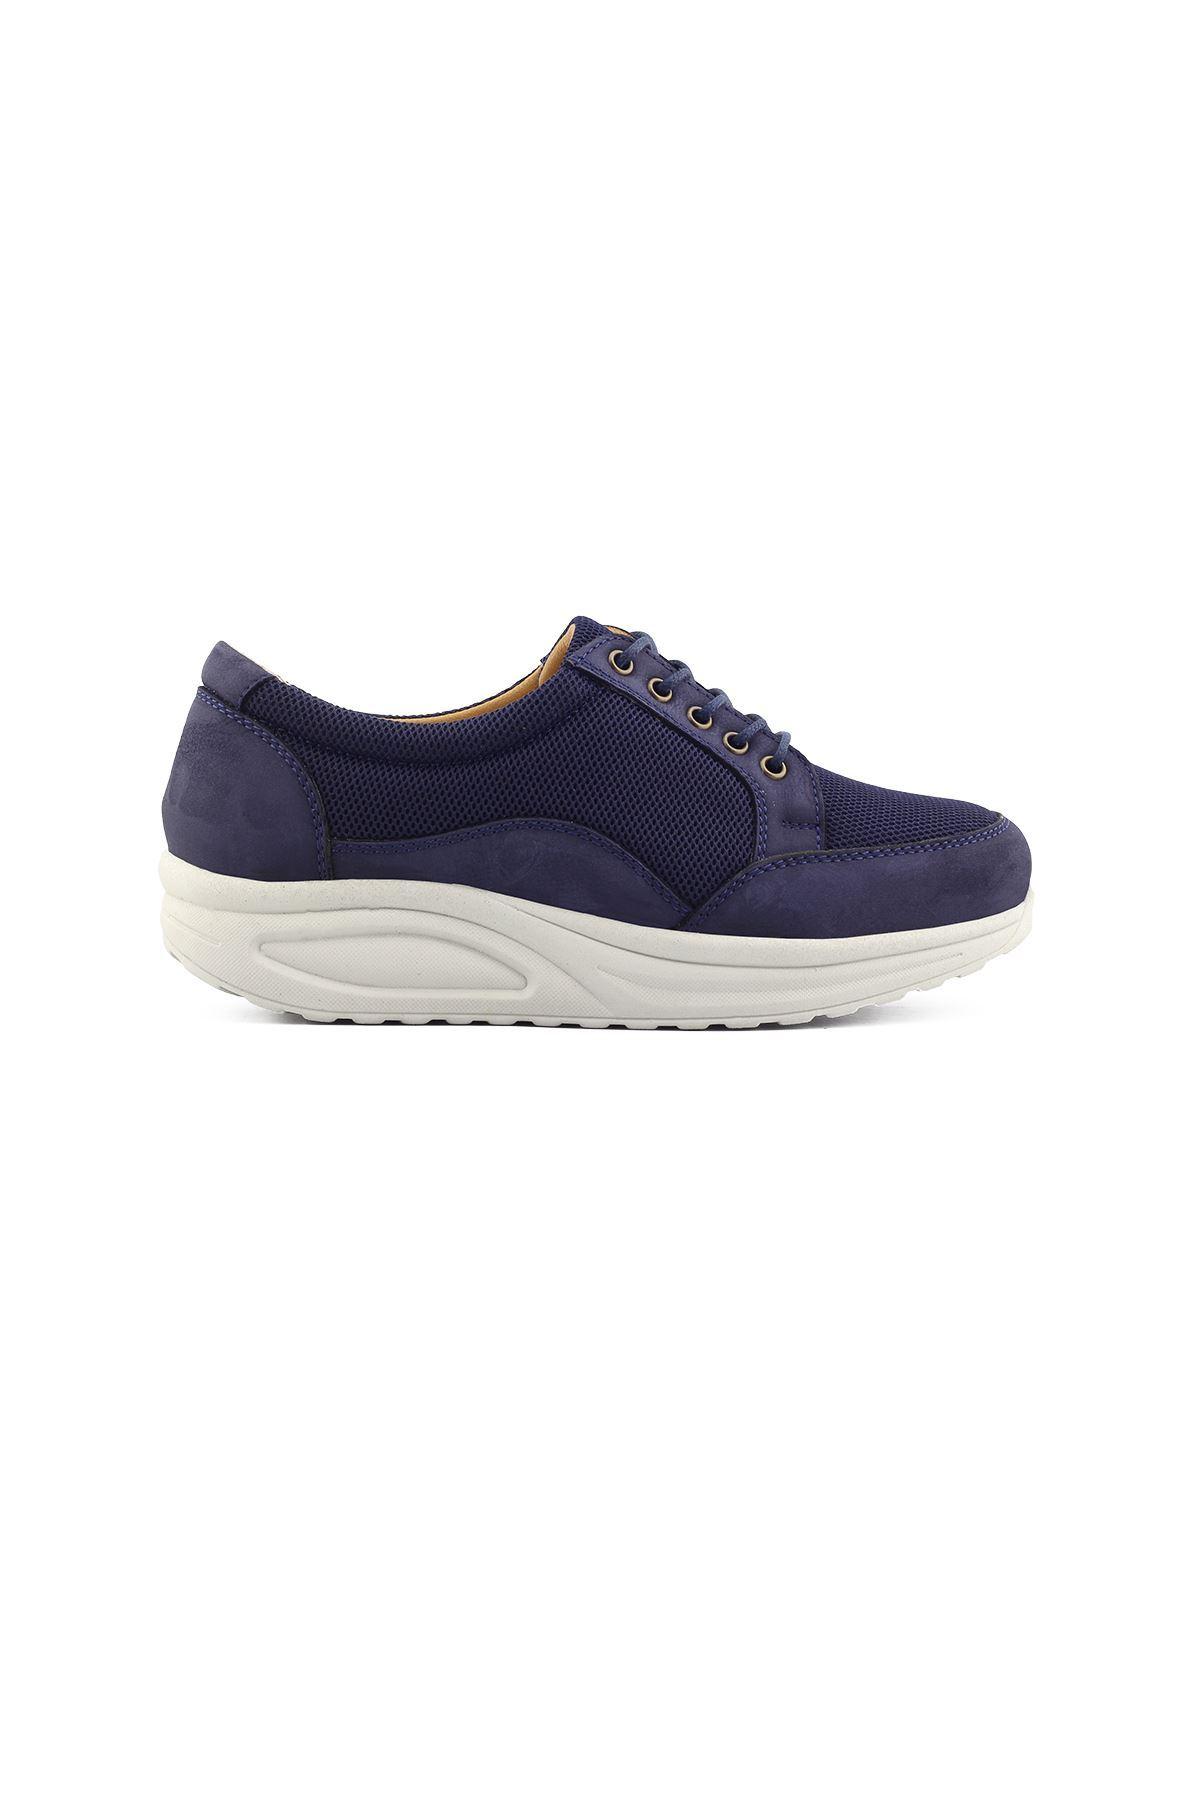 756 Nubuk Lacivert Kadın Yürüyüş Ayakkabısı